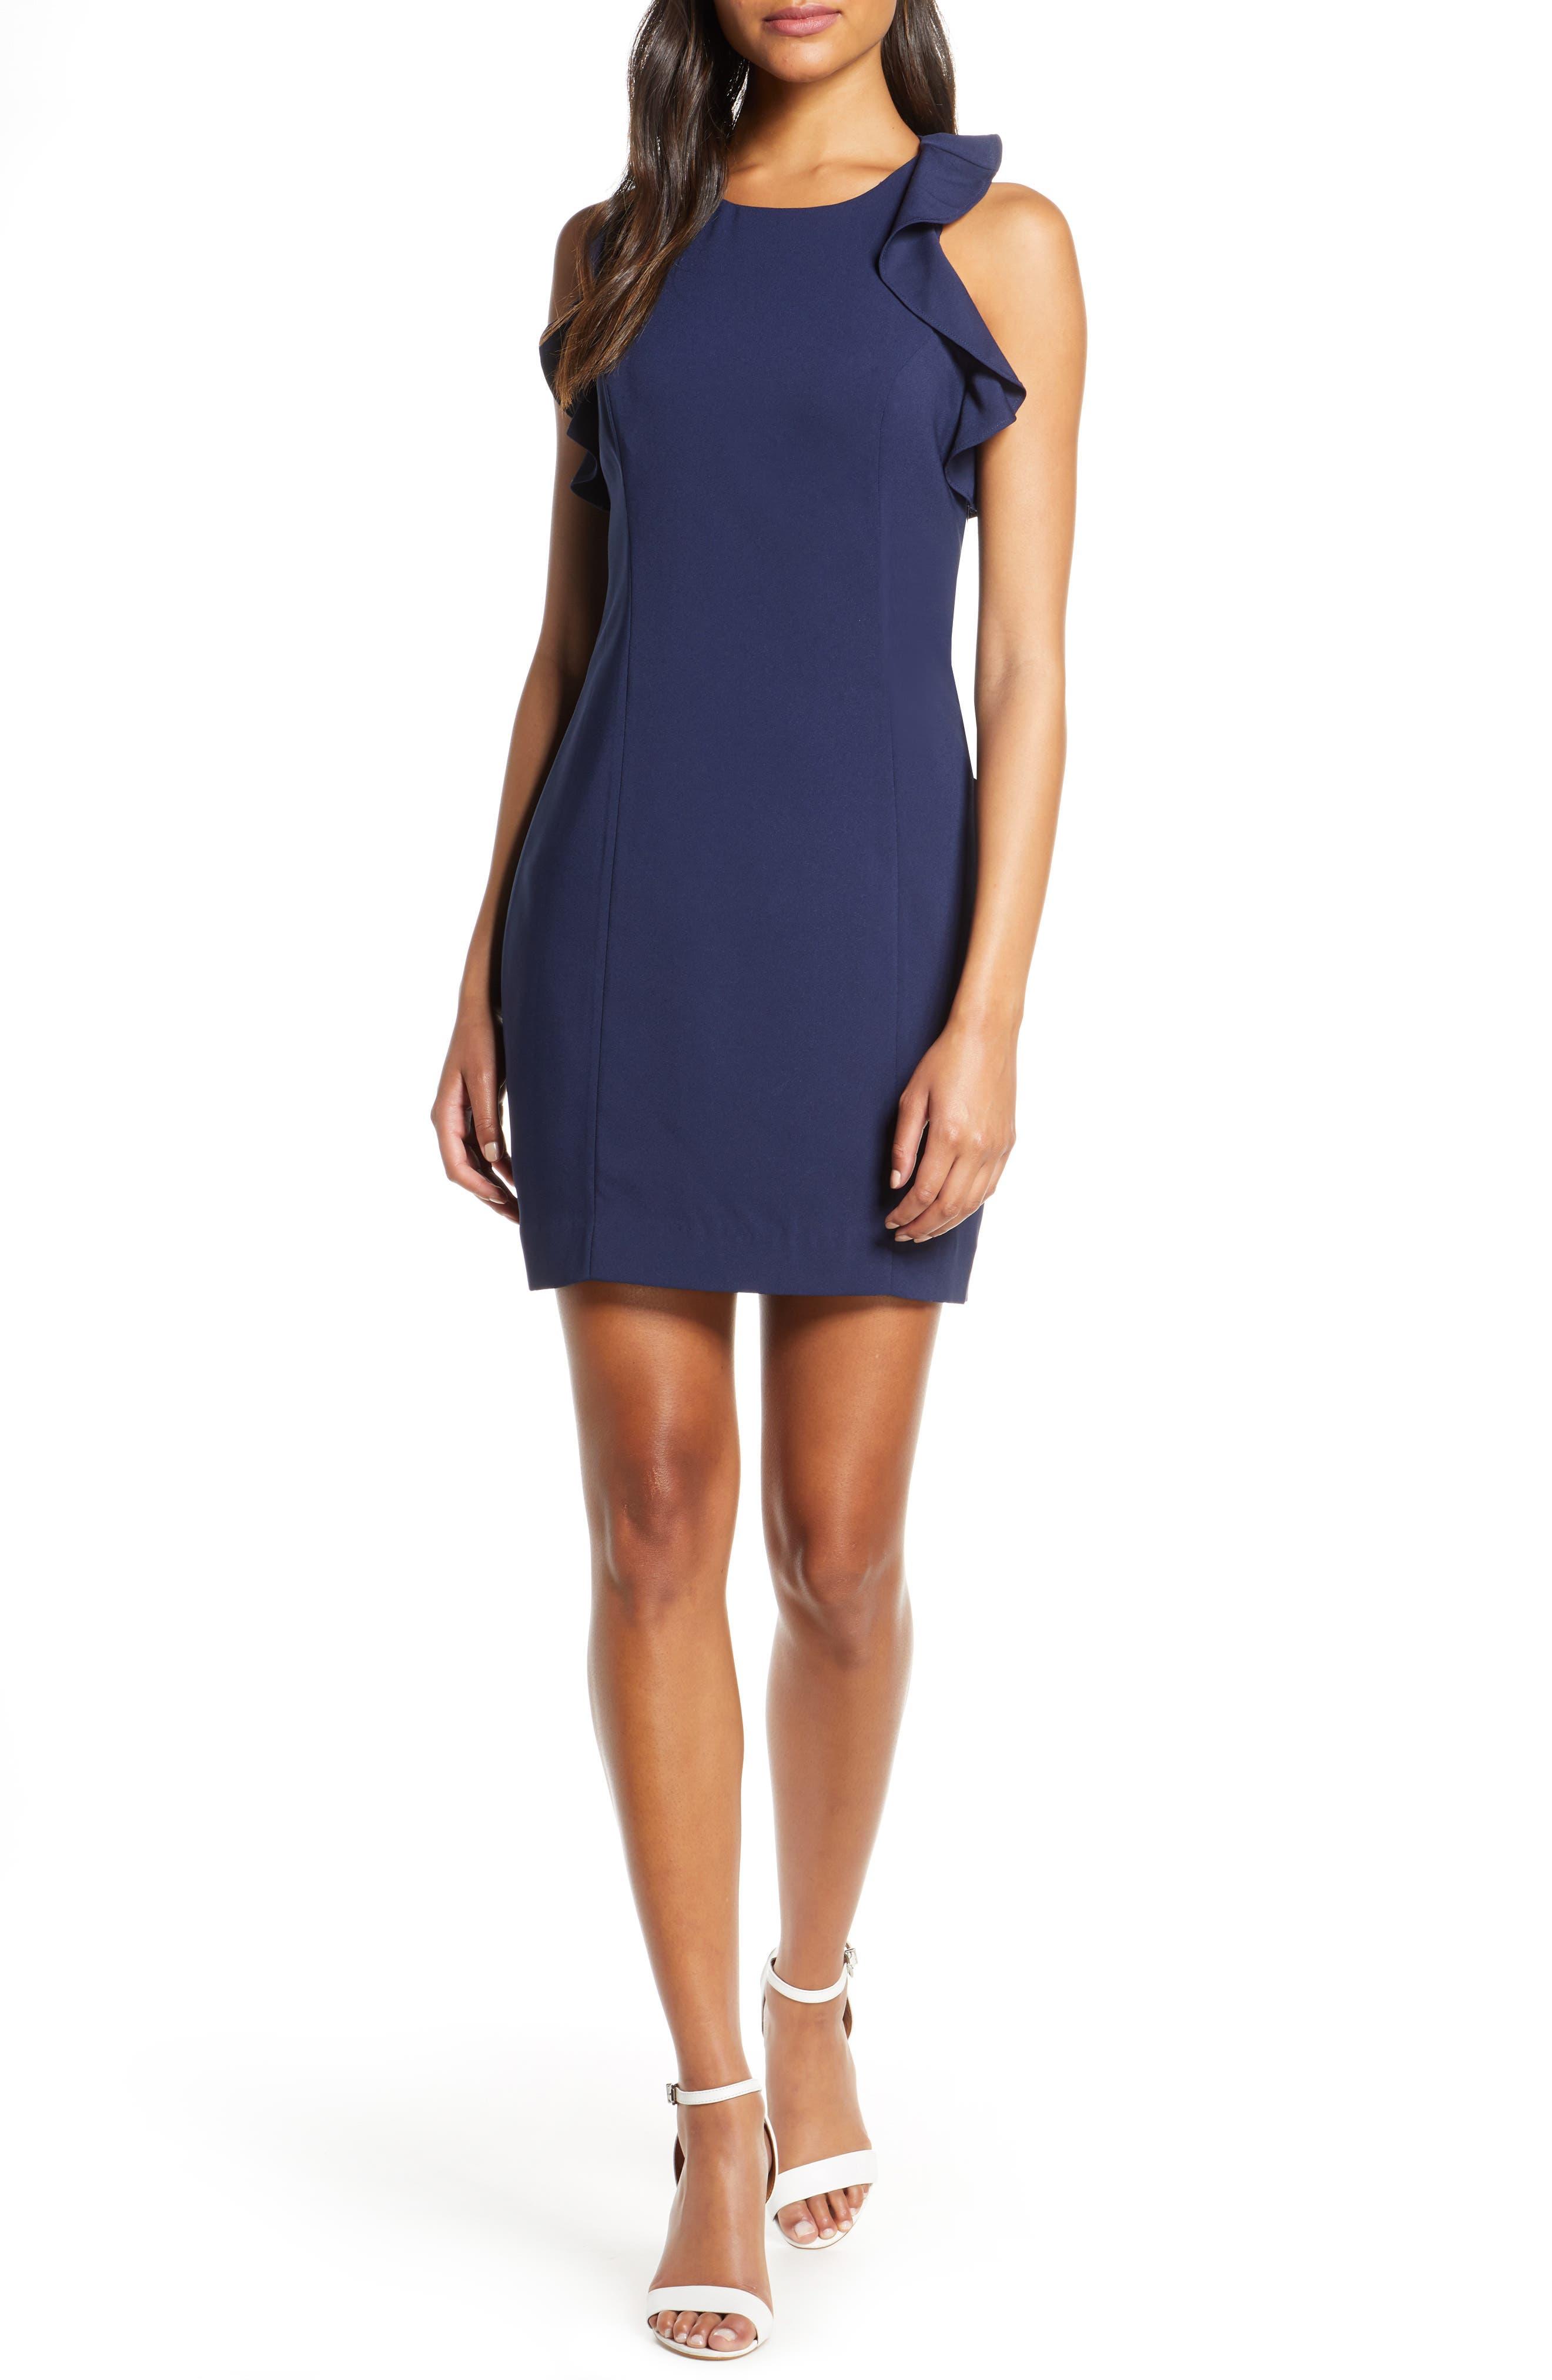 Lilly Pulitzer Britnee Stretch Sheath Dress, Blue